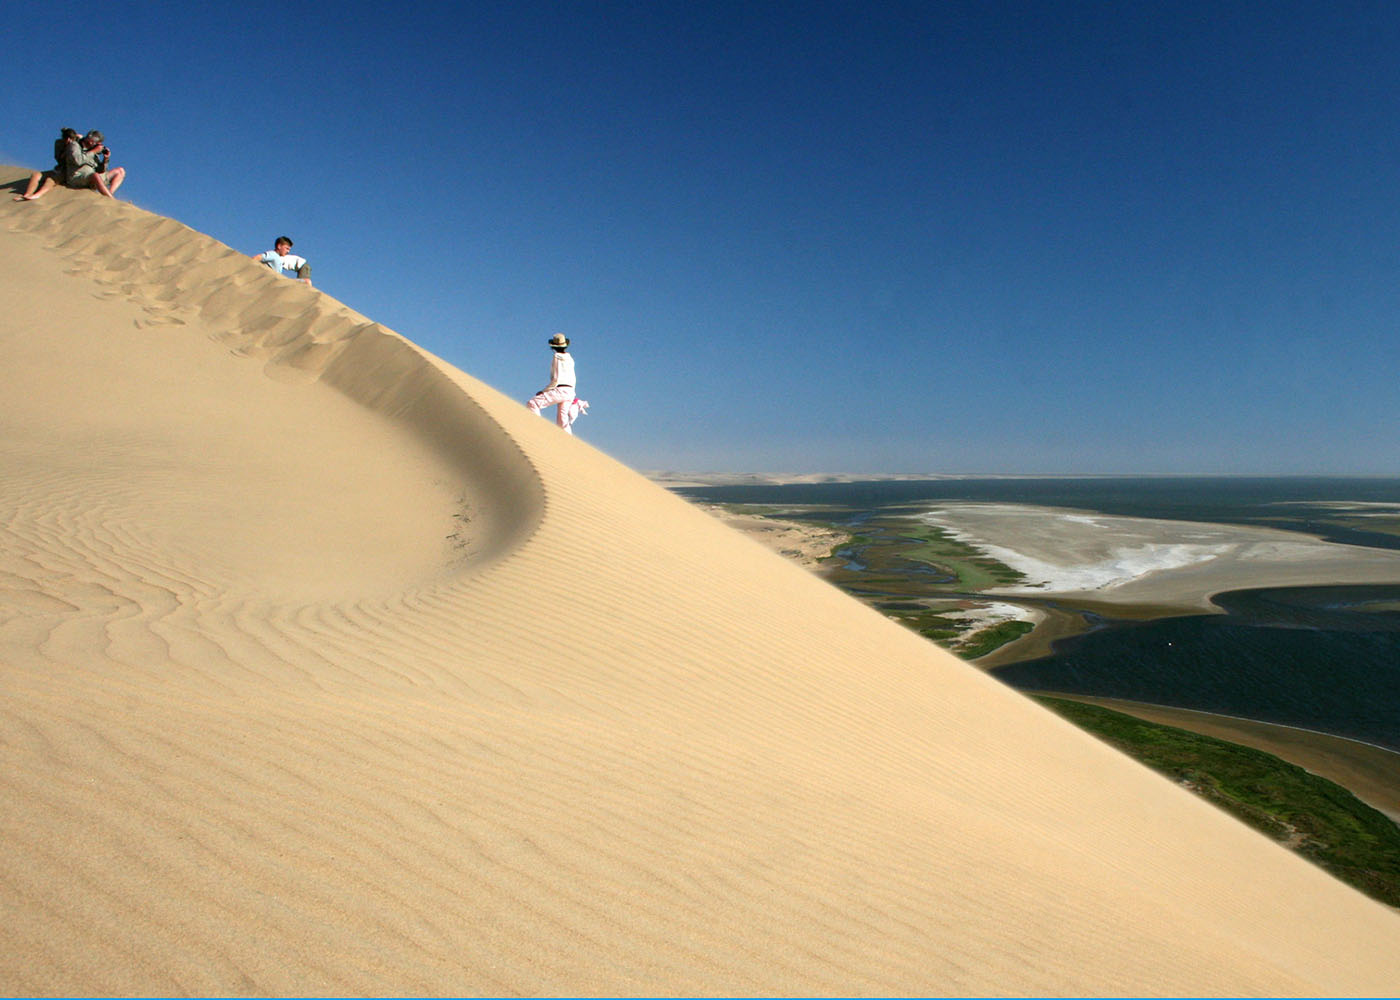 Namibie, au sud de Walvis Bay, une famille admire du haut d'une dune le panorama de lagunes de Sandwich Harbour